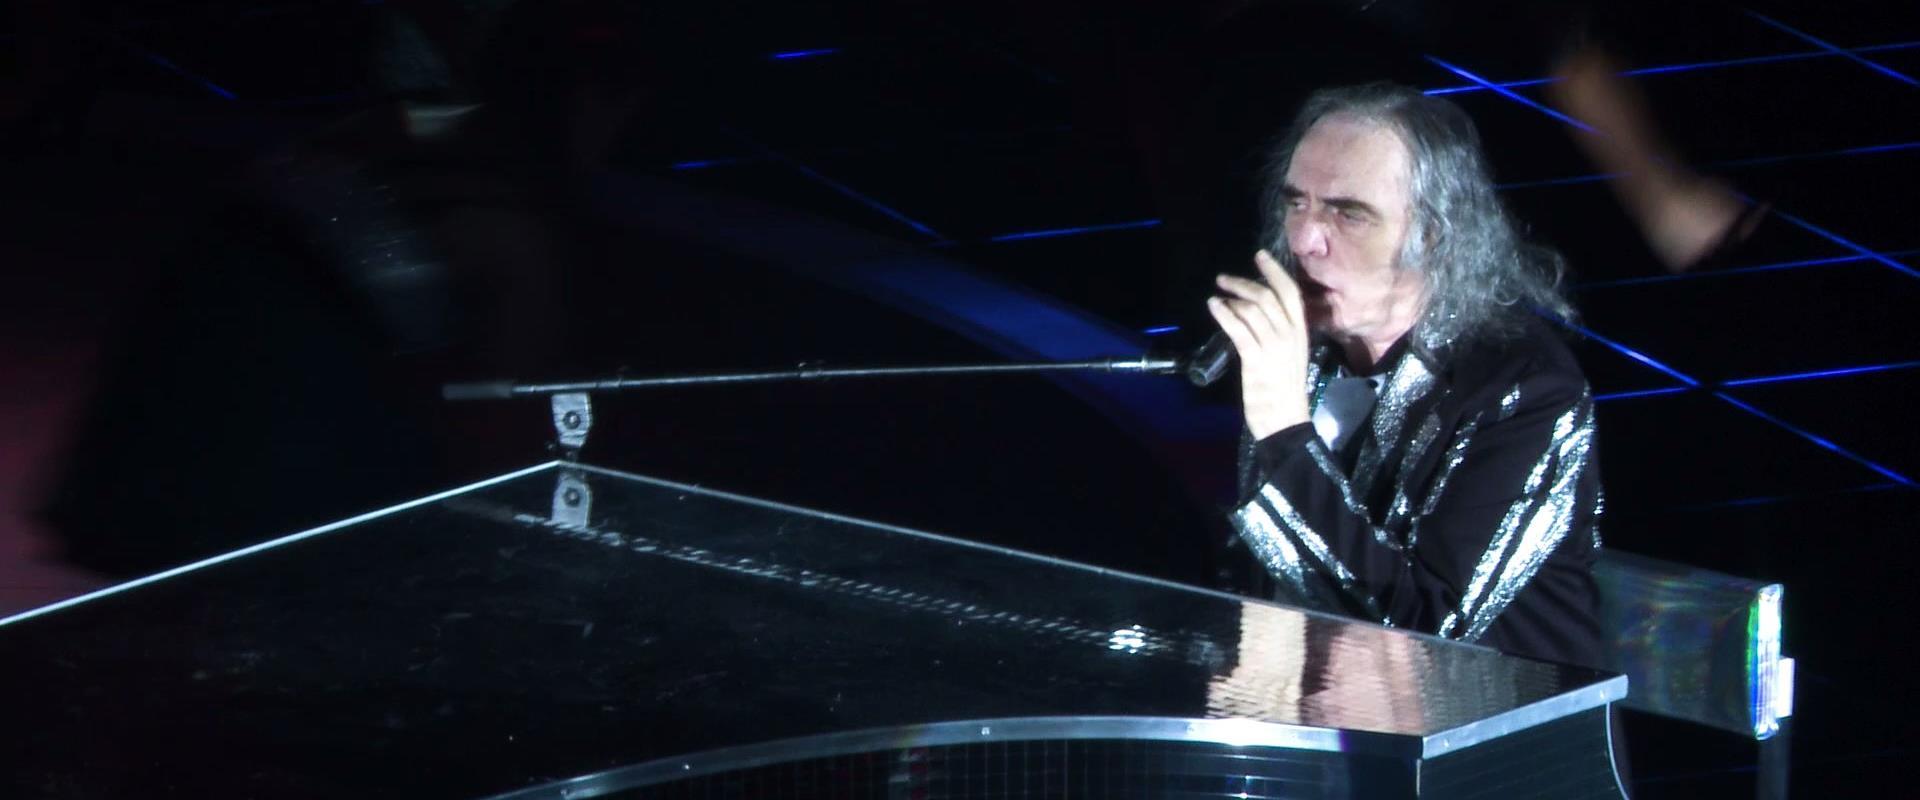 צביקה פיק על הבמה בהופעת הבכורה של הפסטיגל בחיפה